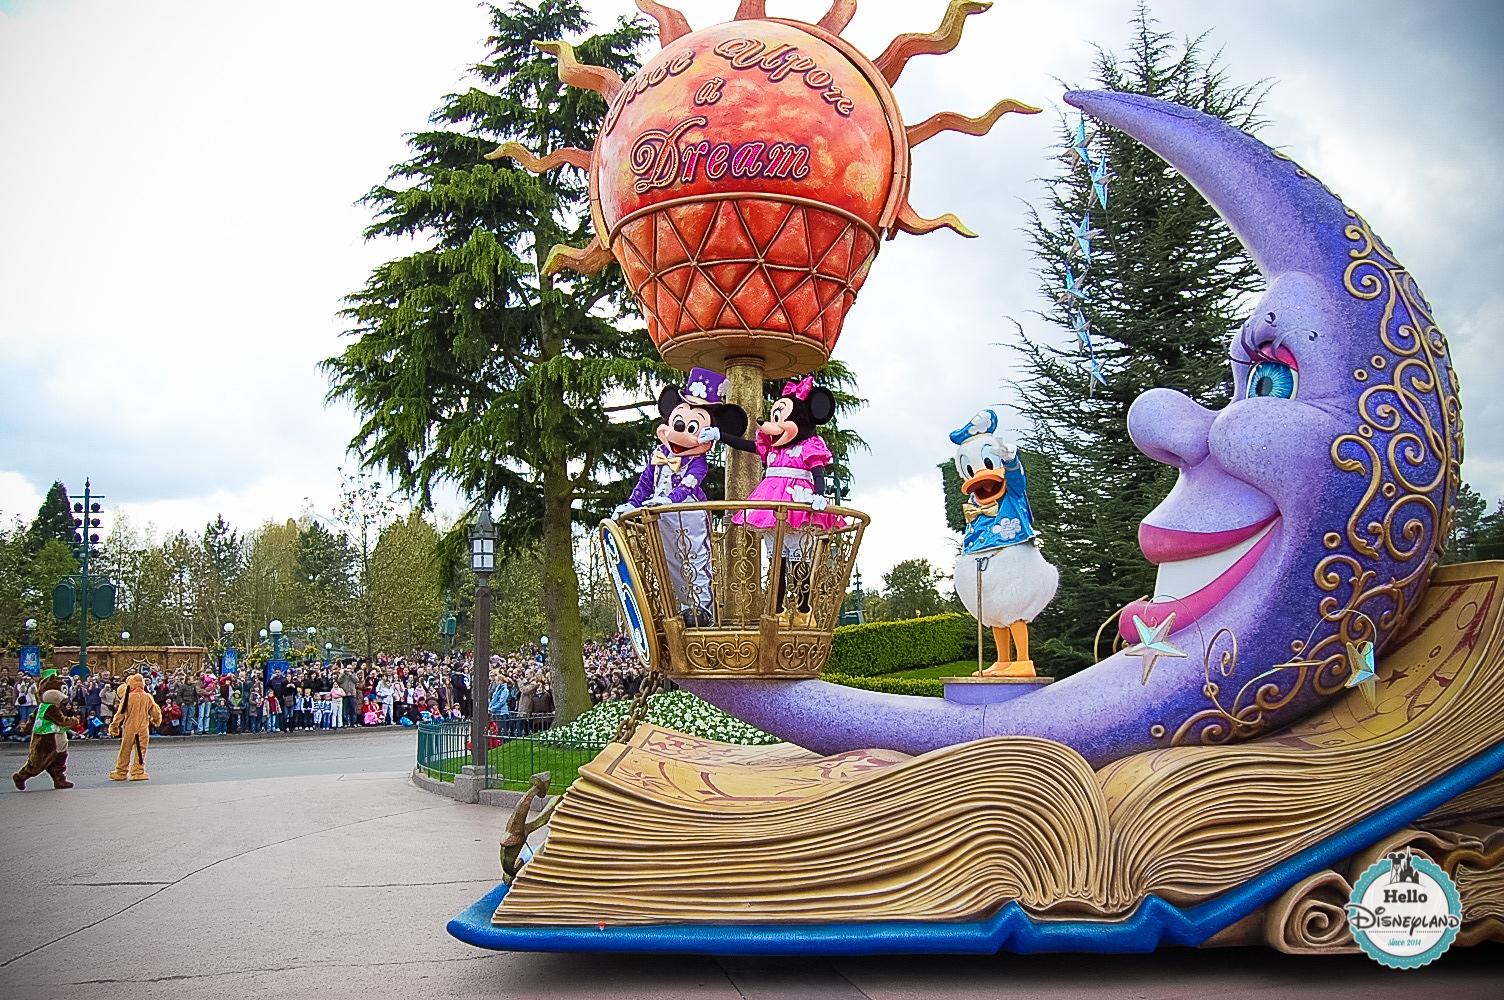 Disney Once Upon a Dream Parade - Disneyland Paris -2